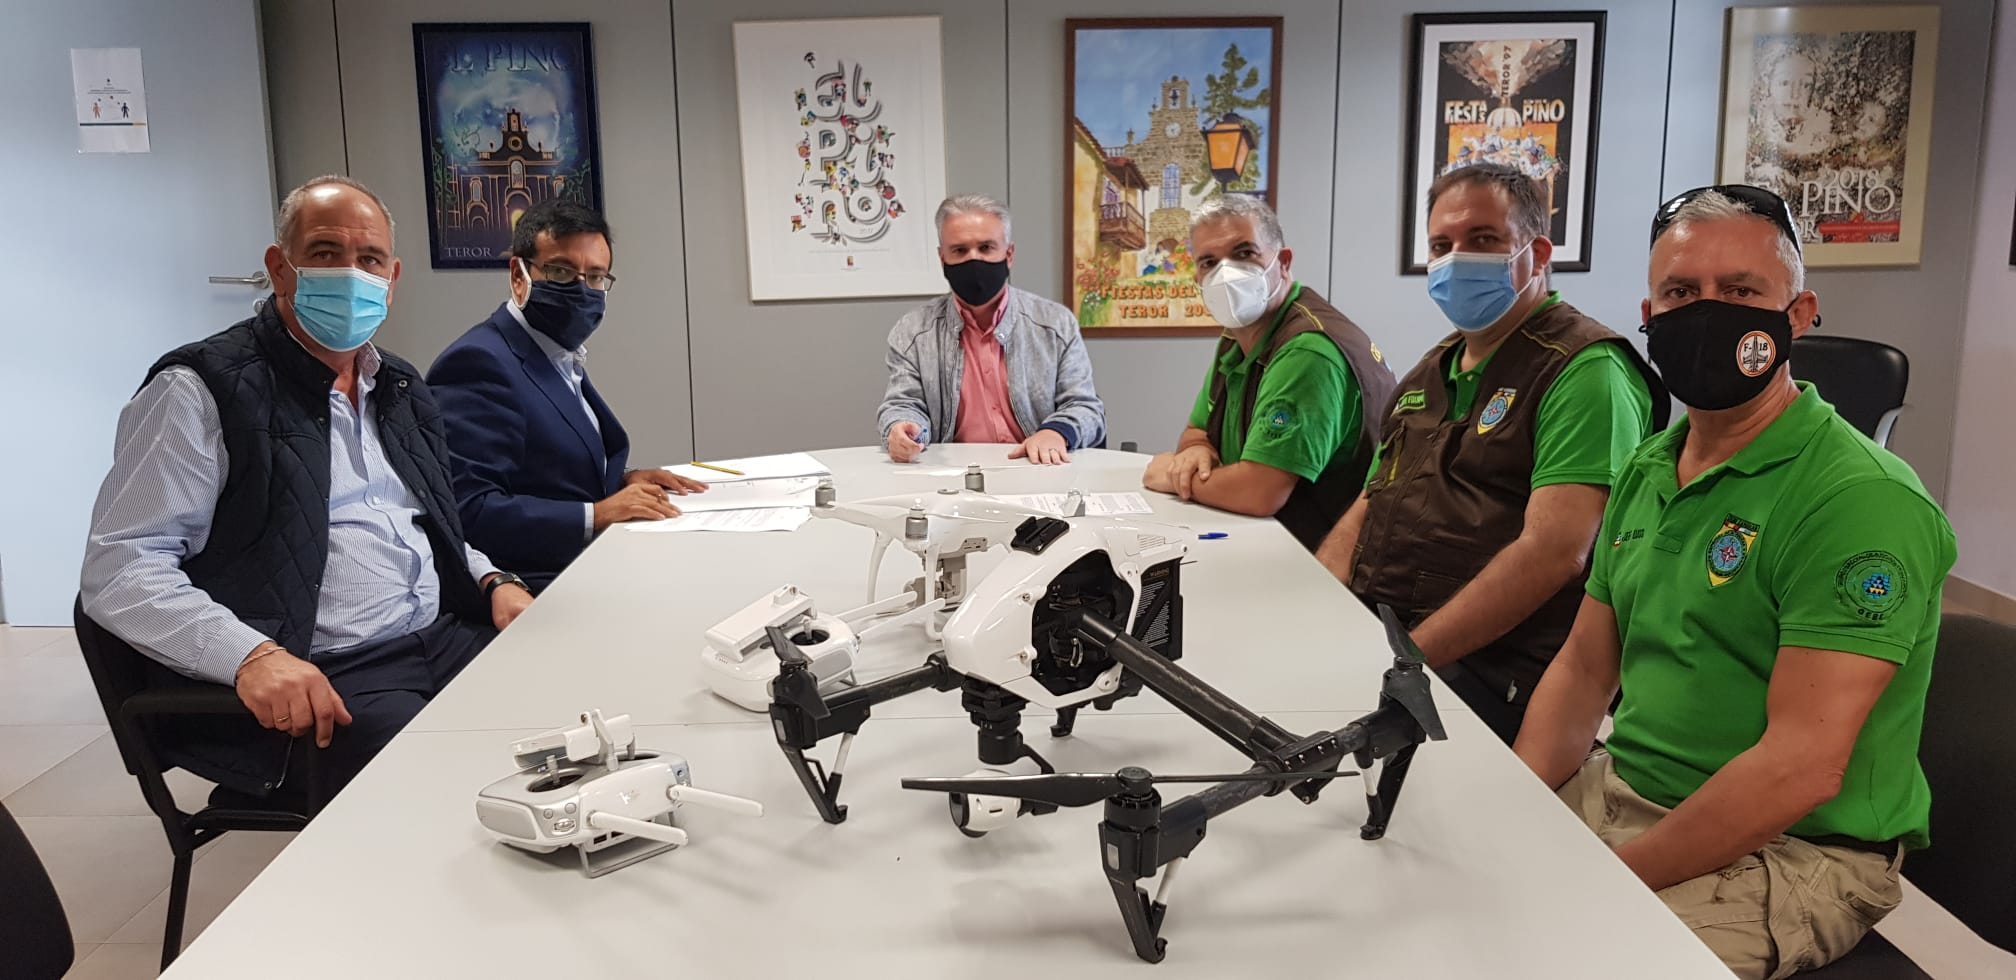 Teror firma un convenio de colaboración con el Grupo Especial de Búsqueda y Evacuación (GEBE)